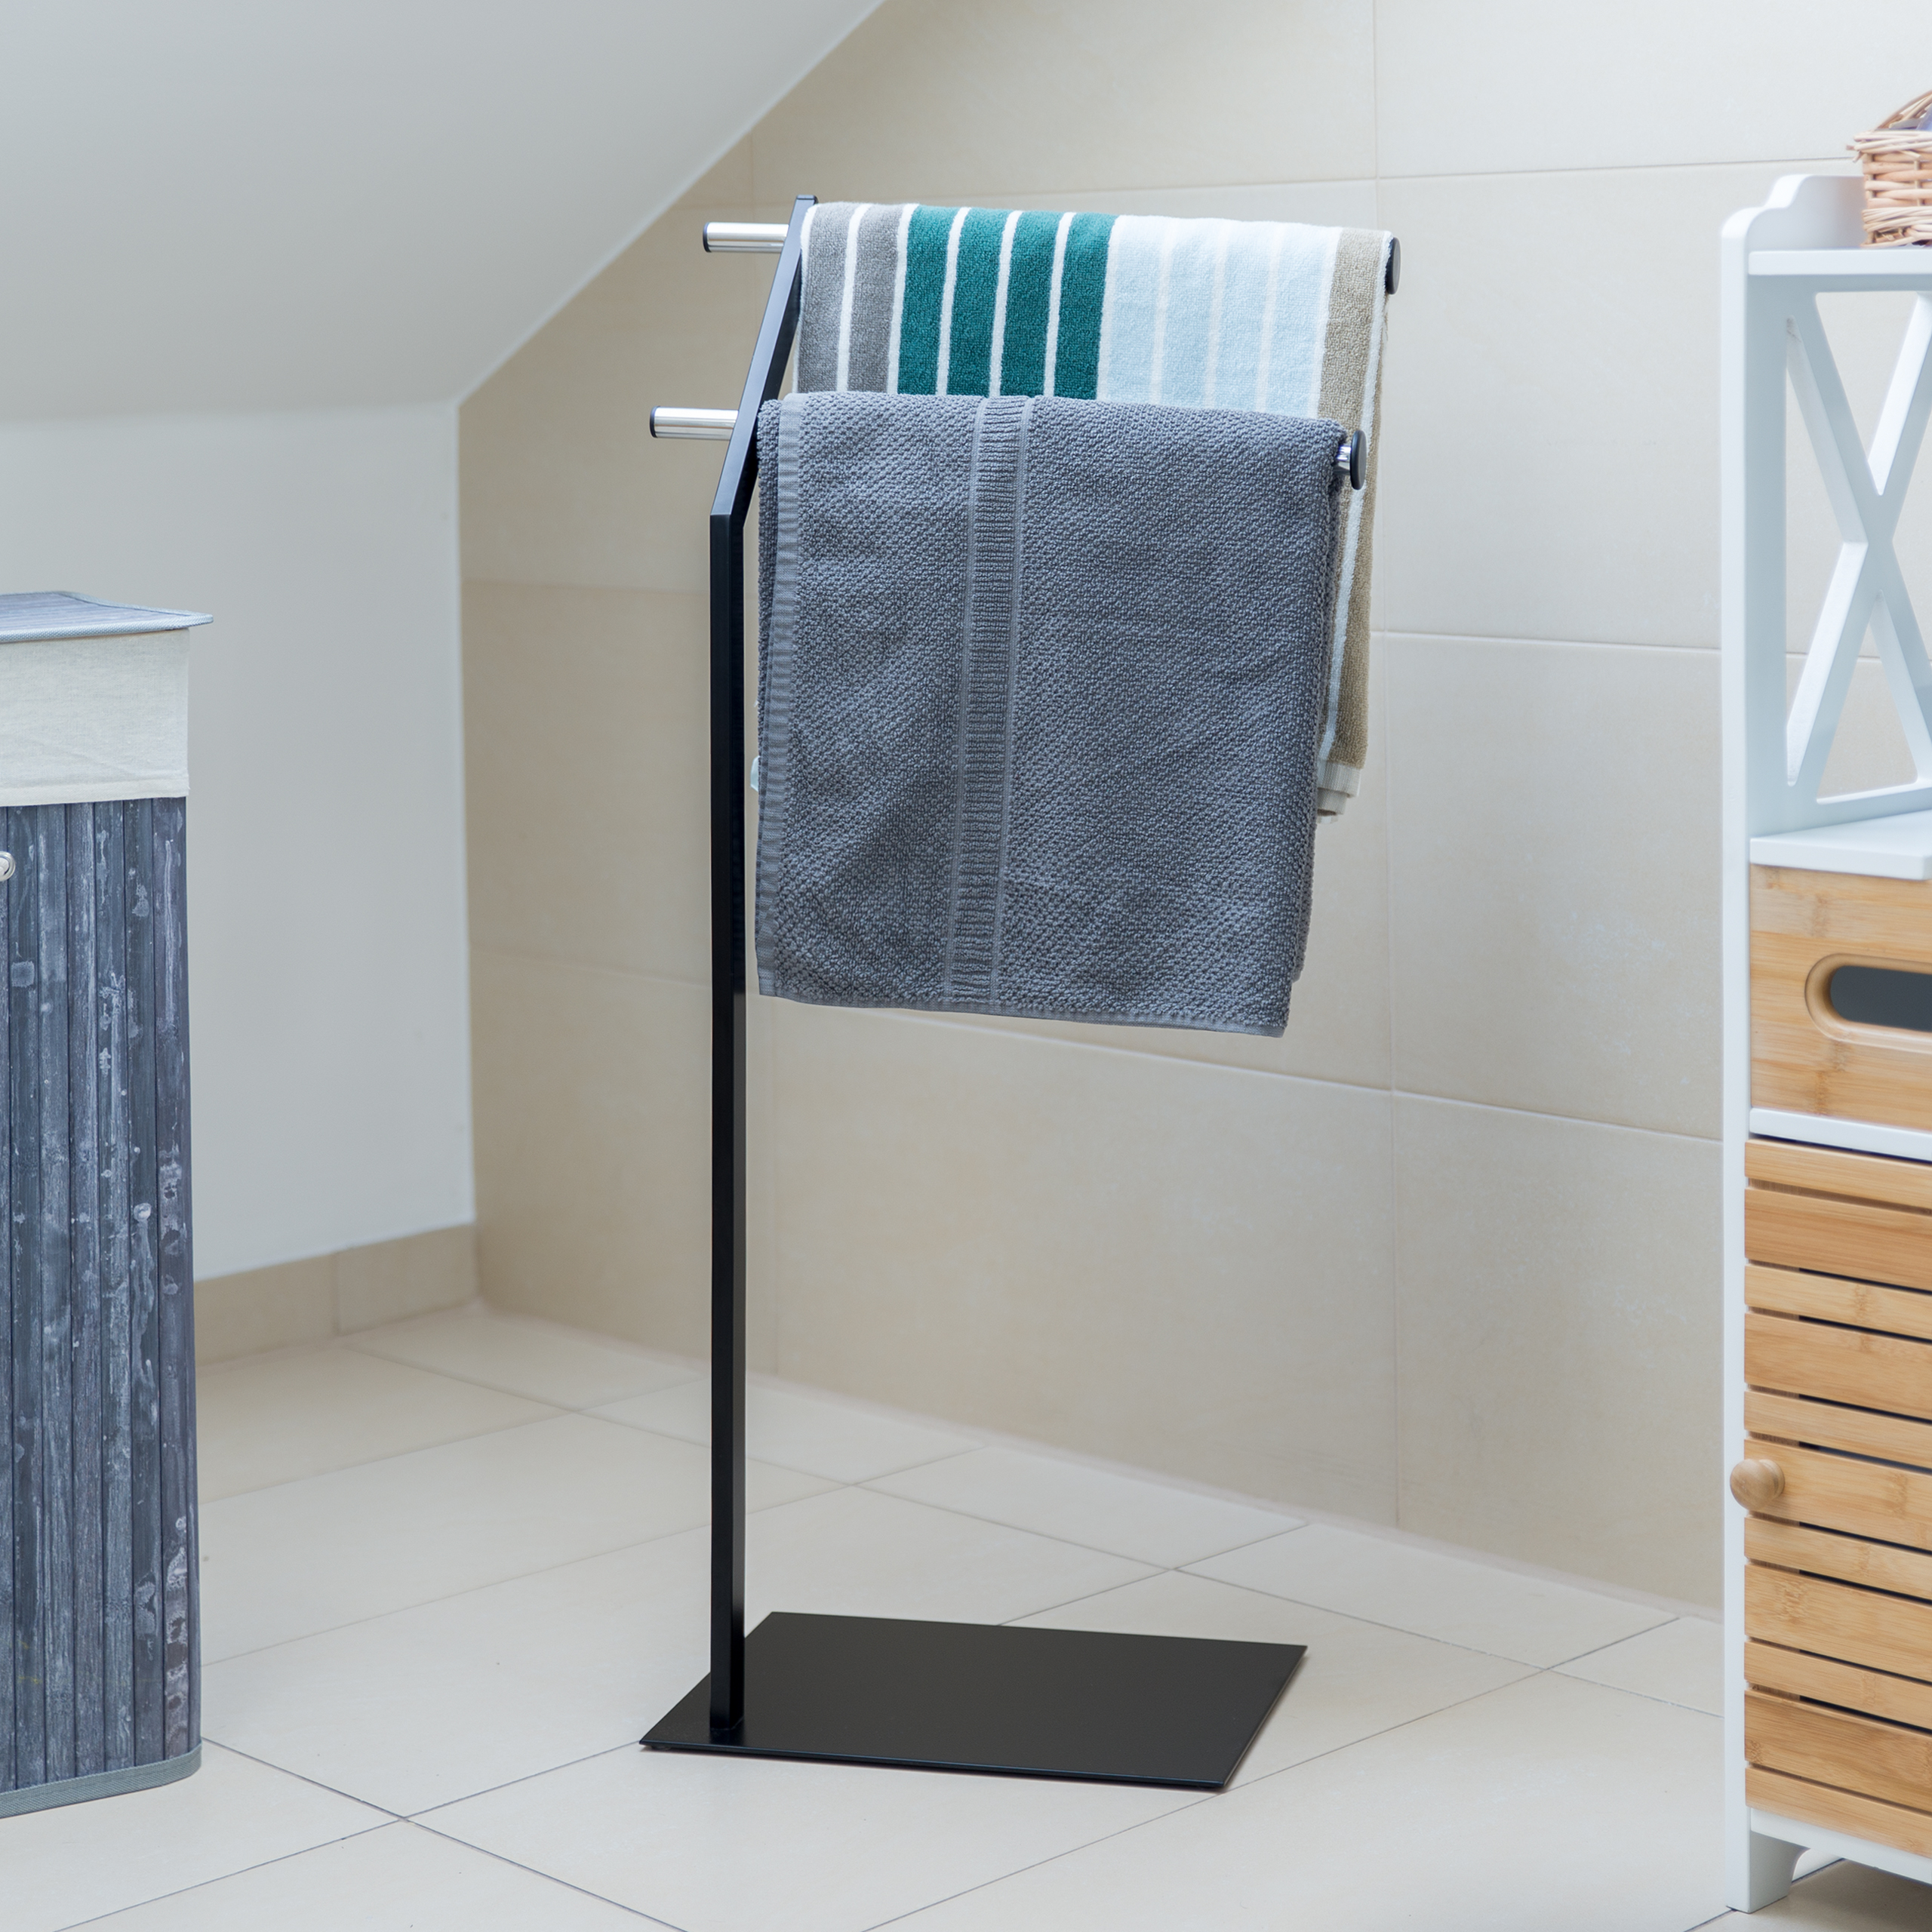 Handtuchhalter freistehend verchromt Handtuchstangen